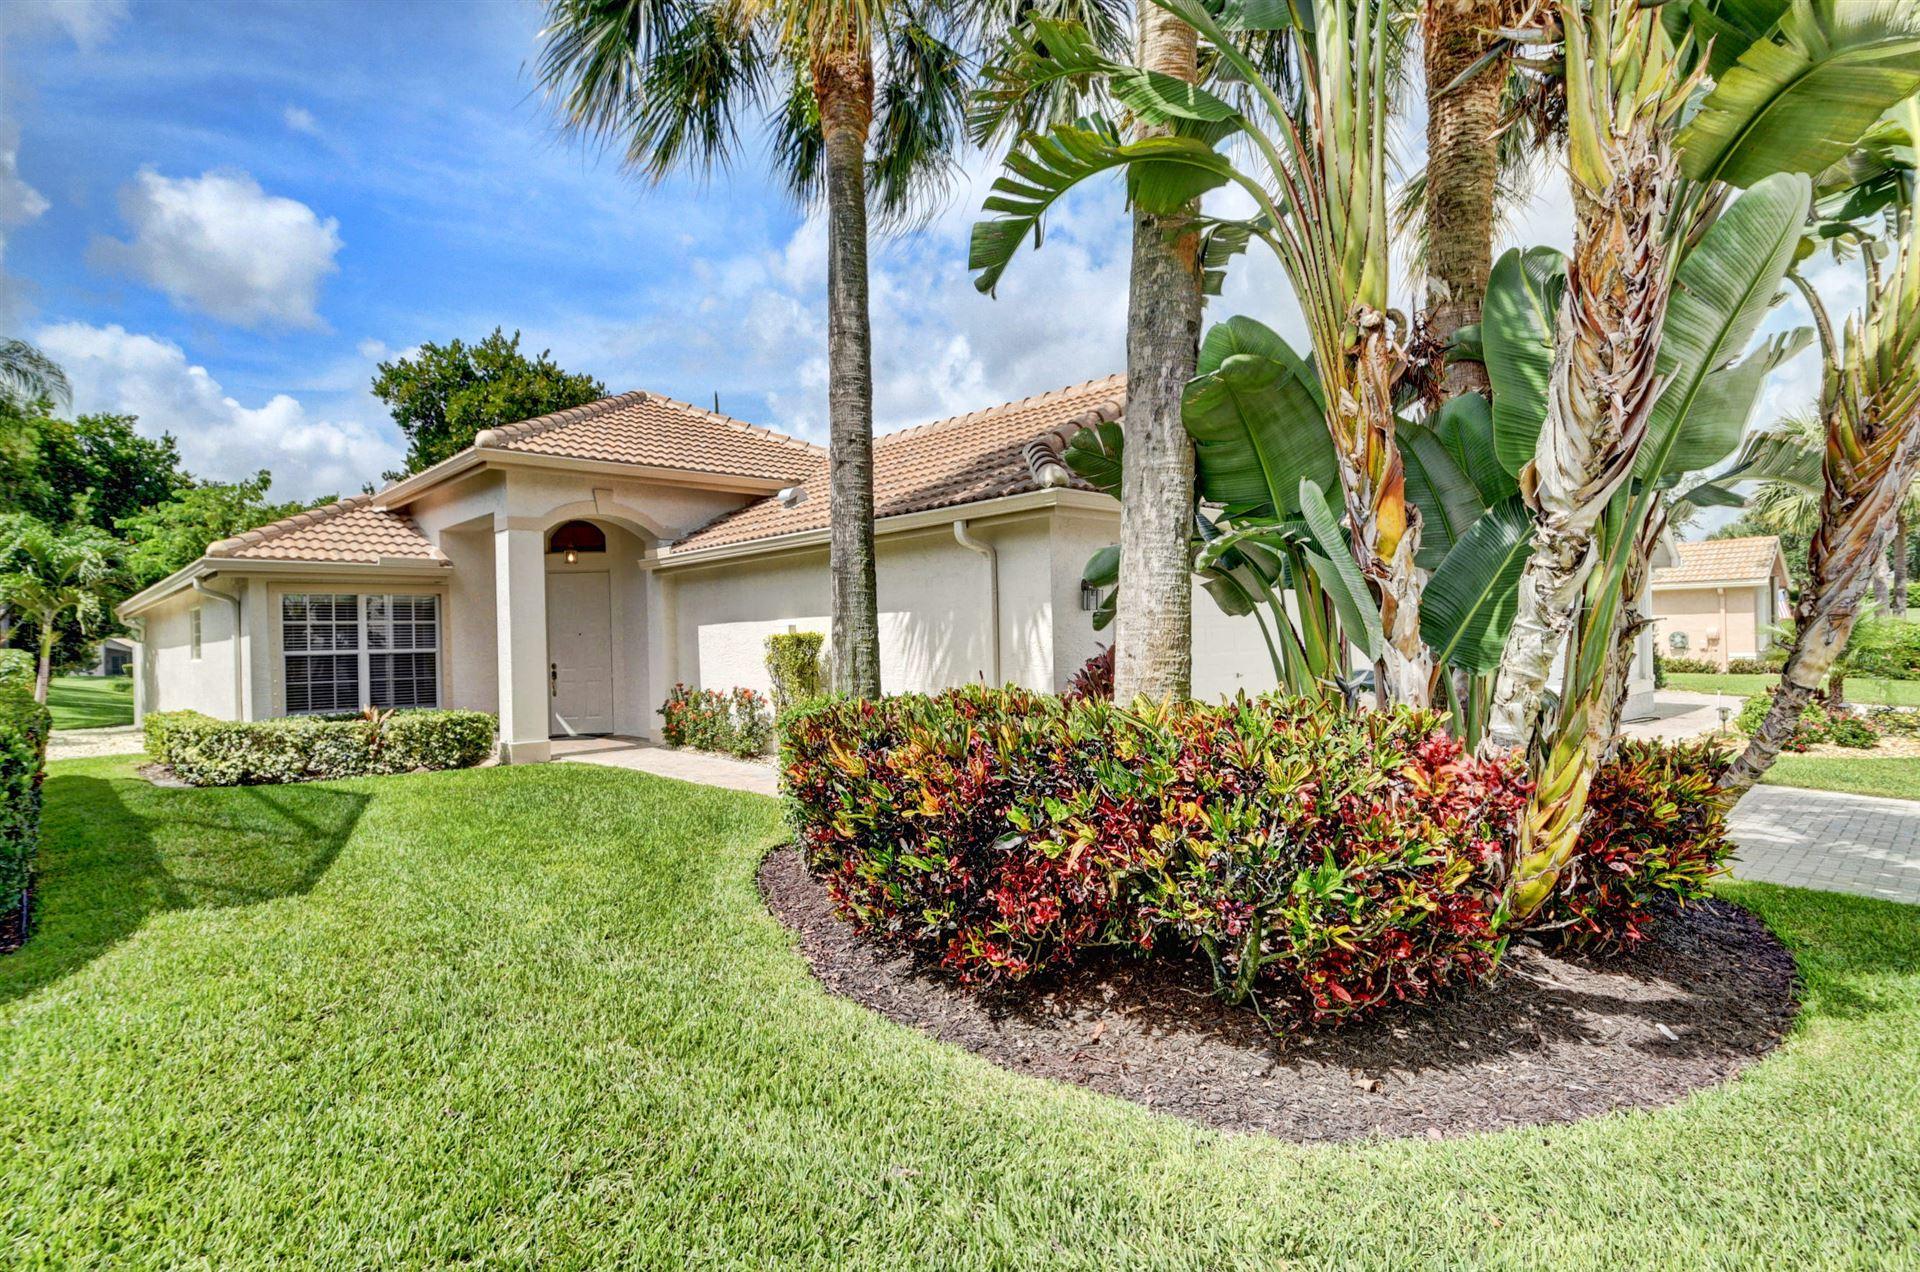 7463 W Mercada Way, Delray Beach, FL 33446 - #: RX-10637821